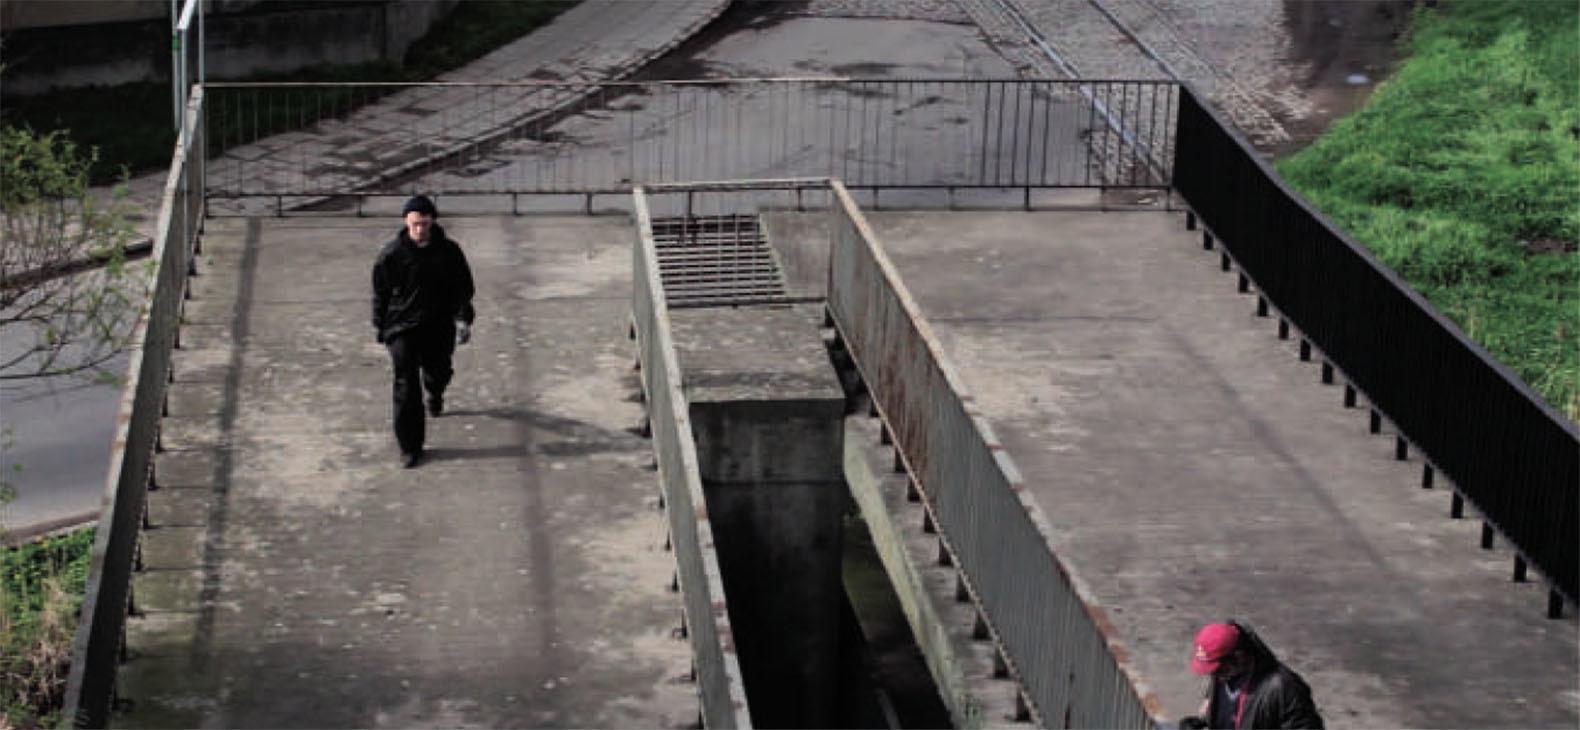 Artur Rozen: Black Flag, video, 2014